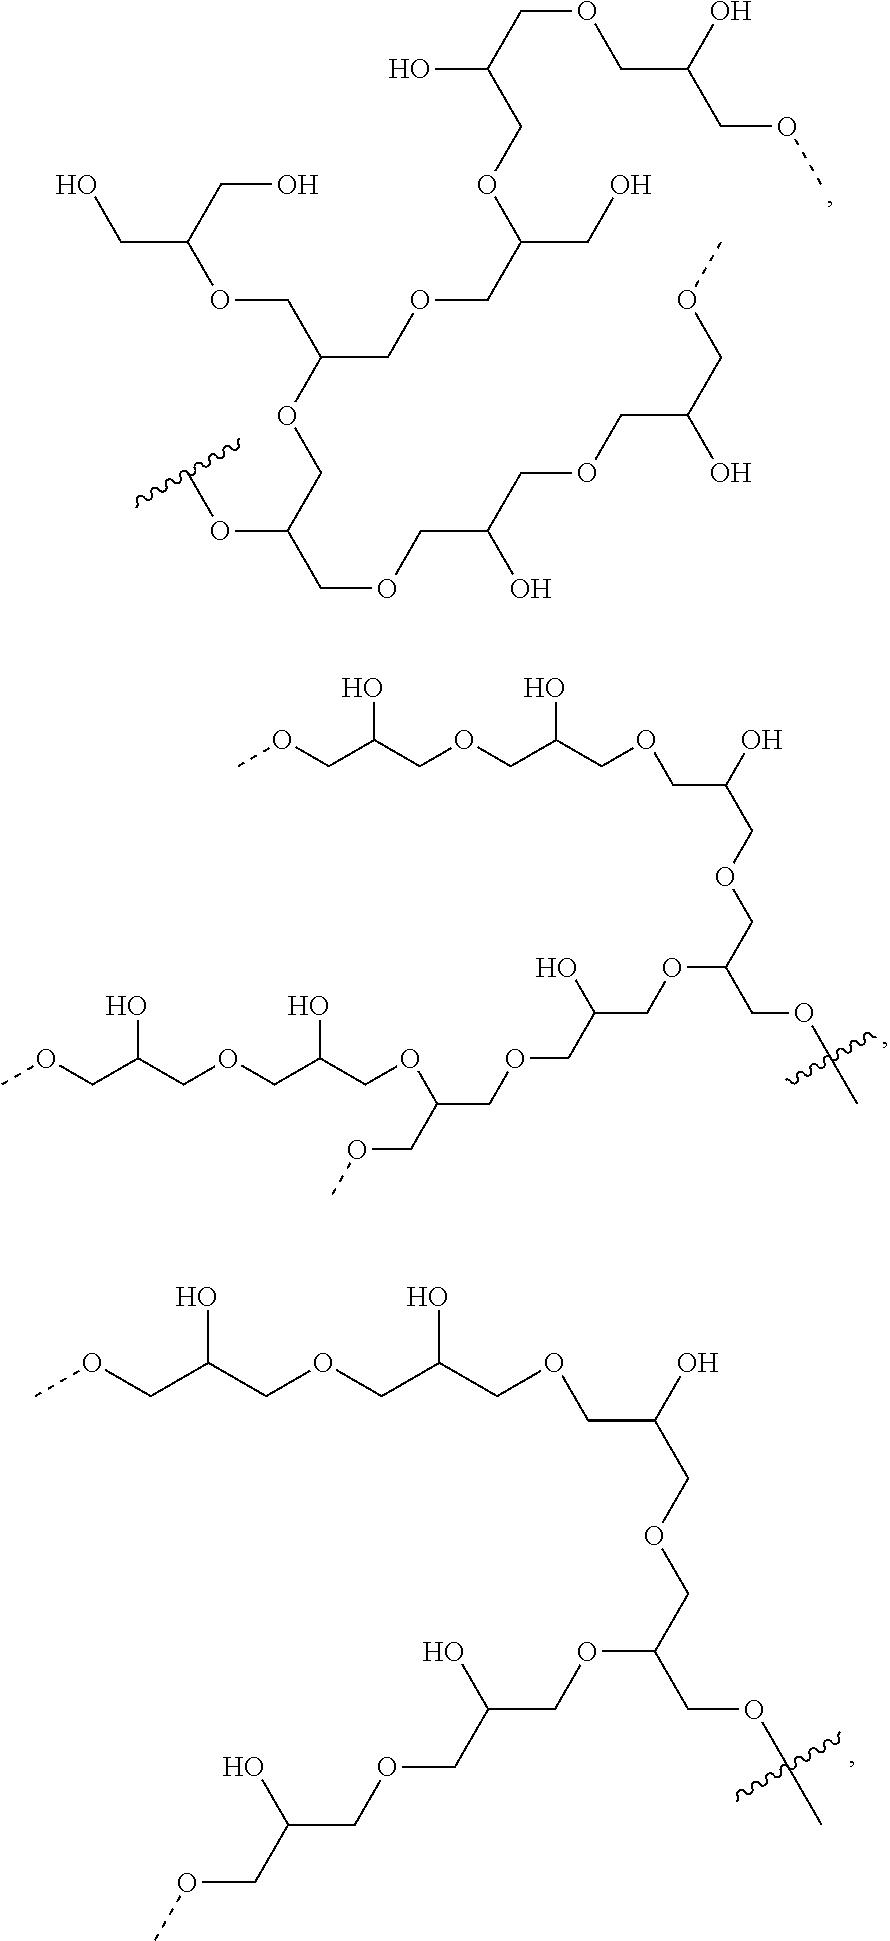 Figure US09394407-20160719-C00002